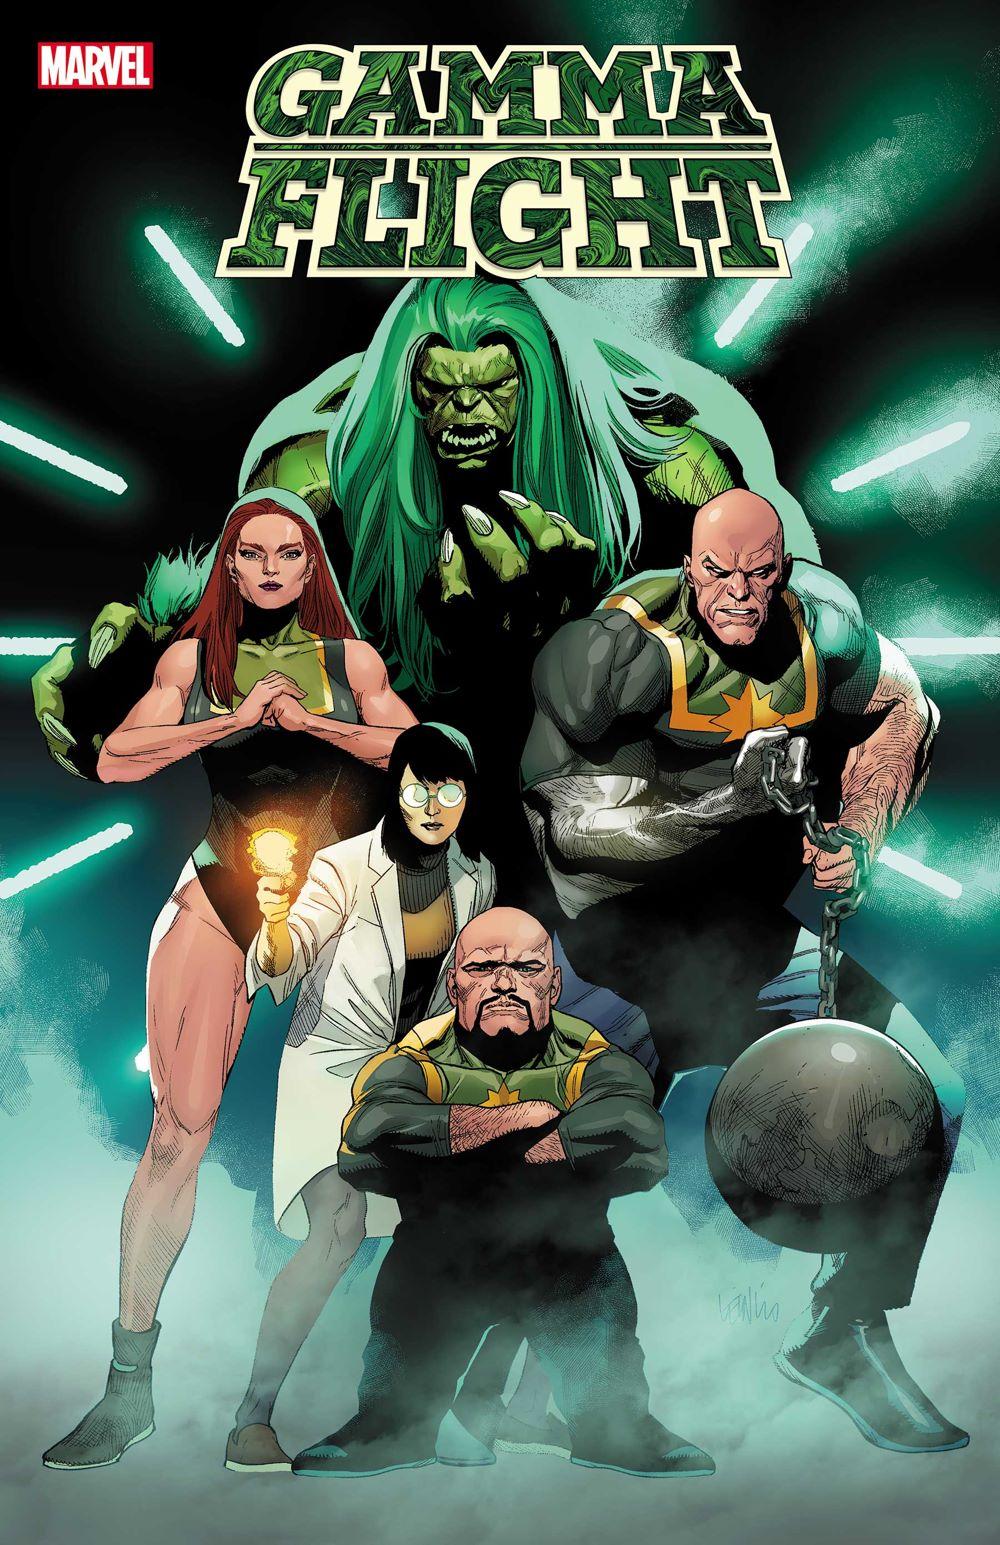 GAMMAFLIGHT2021001_cvr Al Ewing's Immortal Hulk leads to GAMMA FLIGHT mini-series